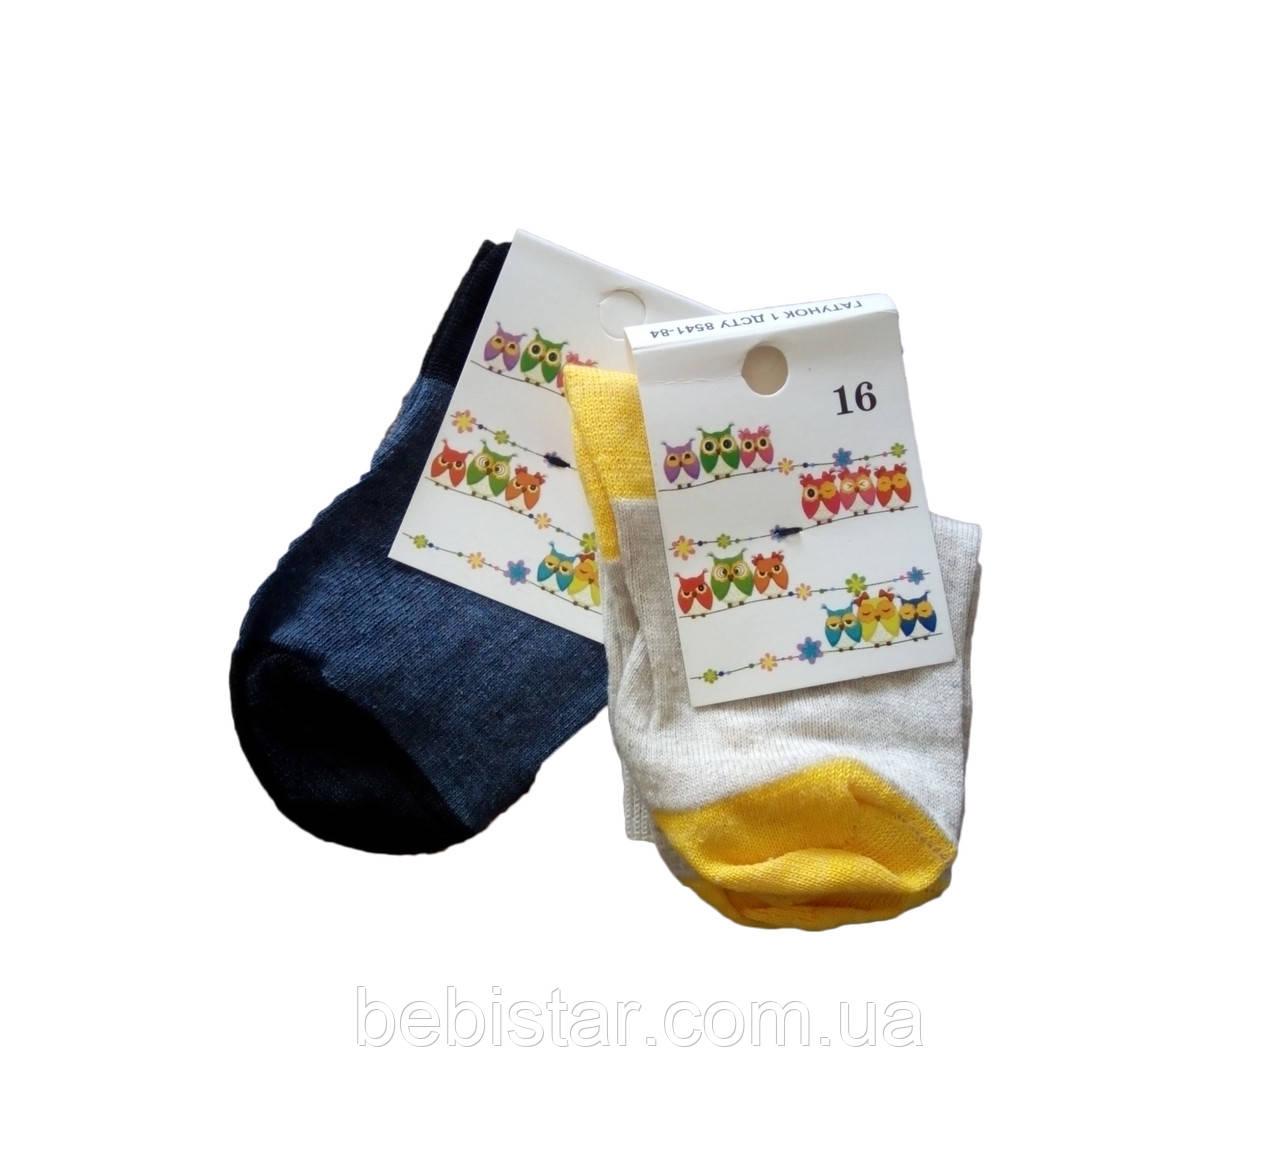 Носки для мальчика серые и синие 3-4 года